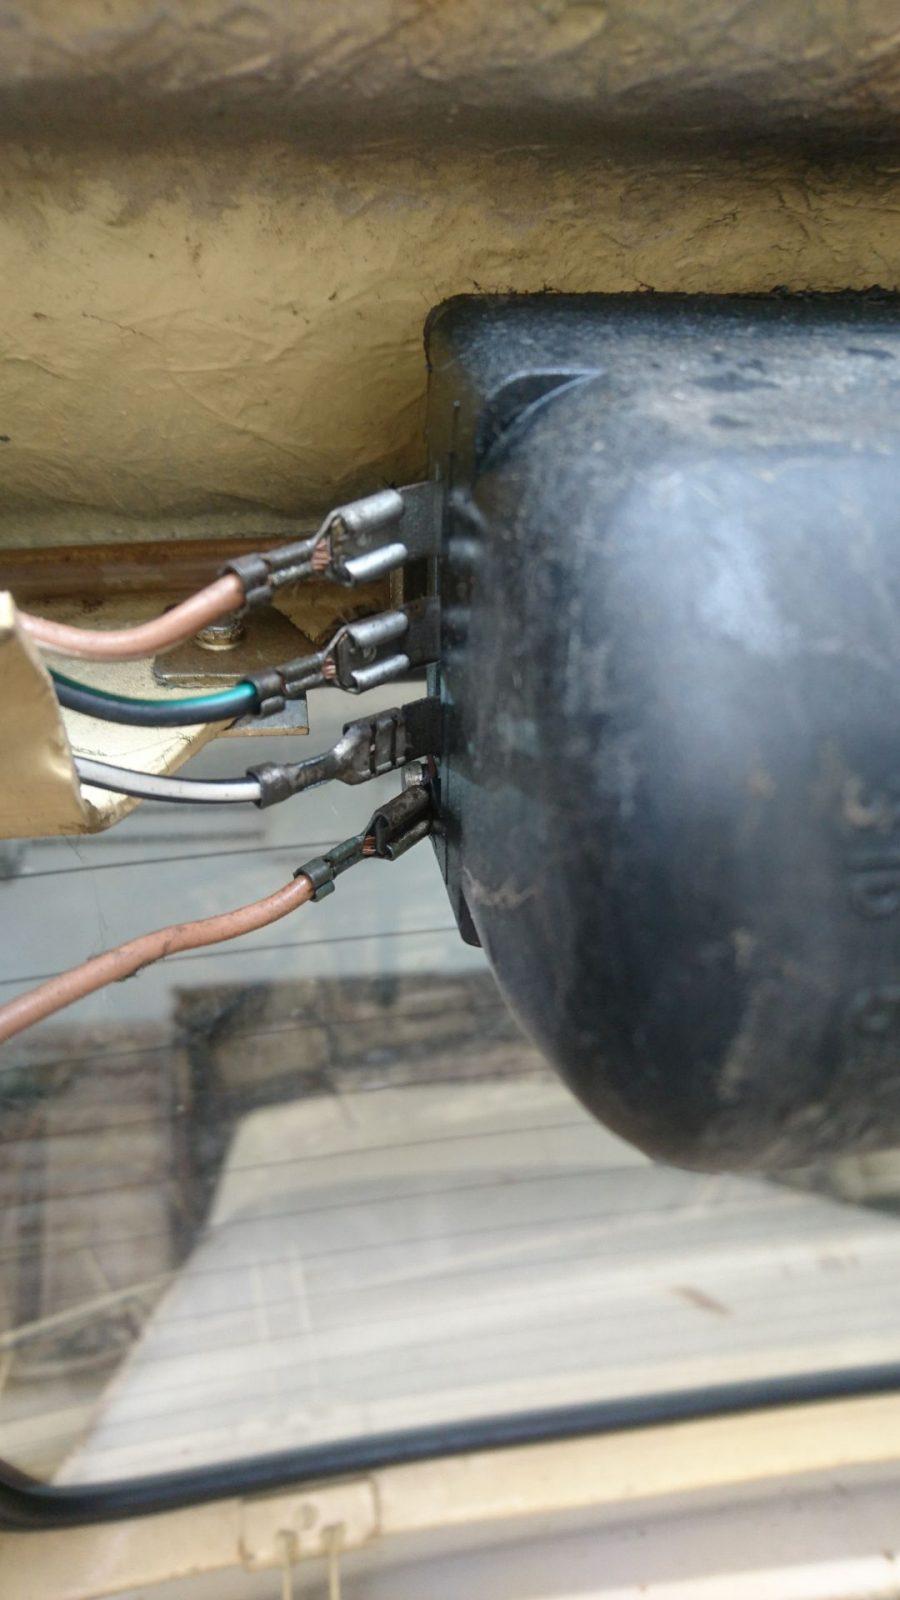 Kabelanschlusssituation am Motor der Heckscheiben-Wisch-Wasch-Anlage bei voll aufgeklappter Heckklappe.